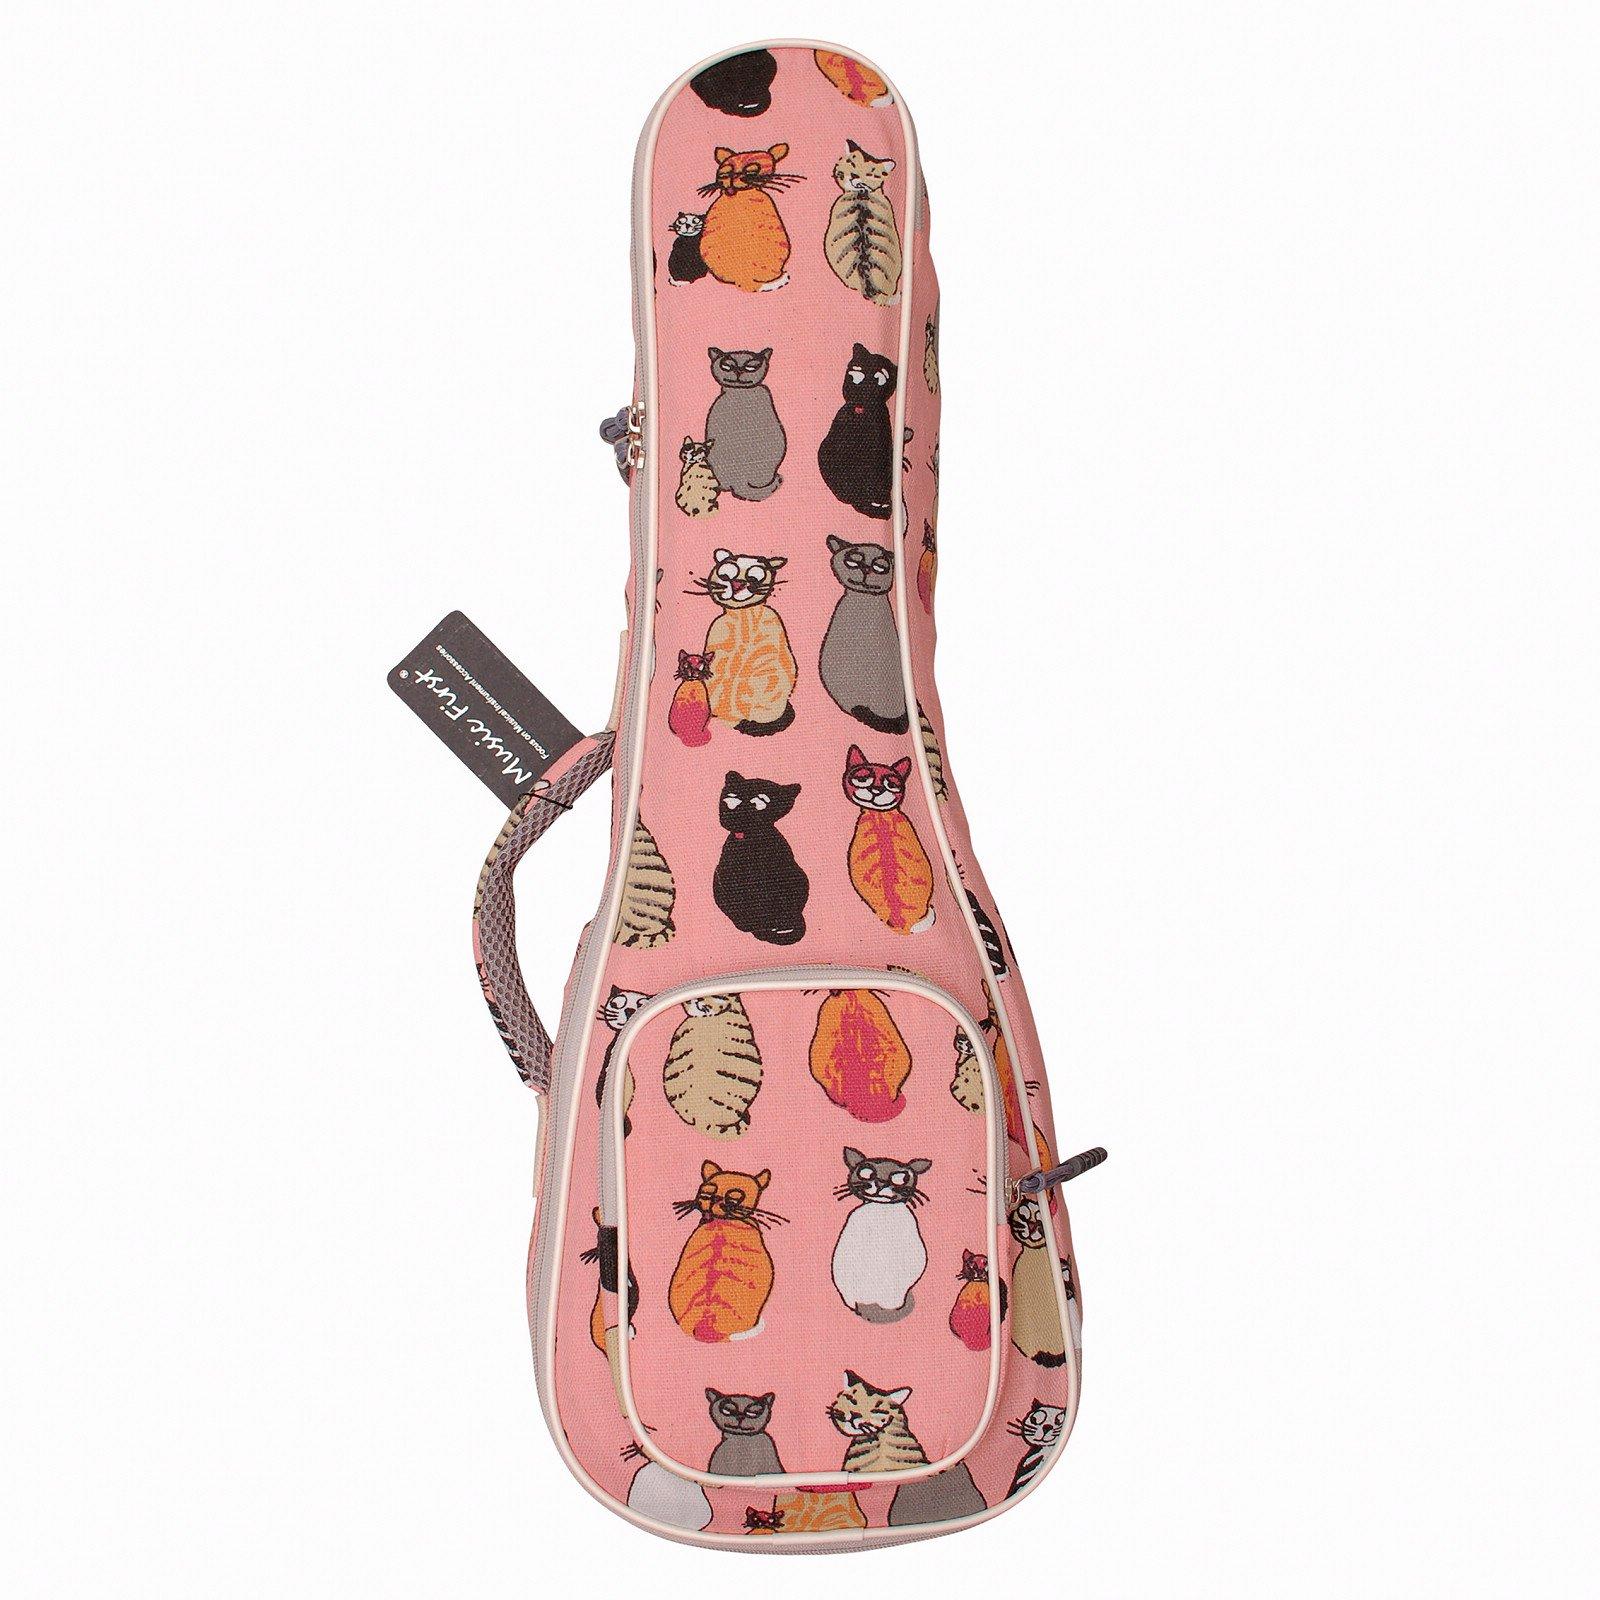 """MUSIC FIRST cotton 21"""" Soprano''MISS CAT'' ukulele case ukulele bag ukulele cover, New Arrial, Original Design, Best Christmas Gift!"""